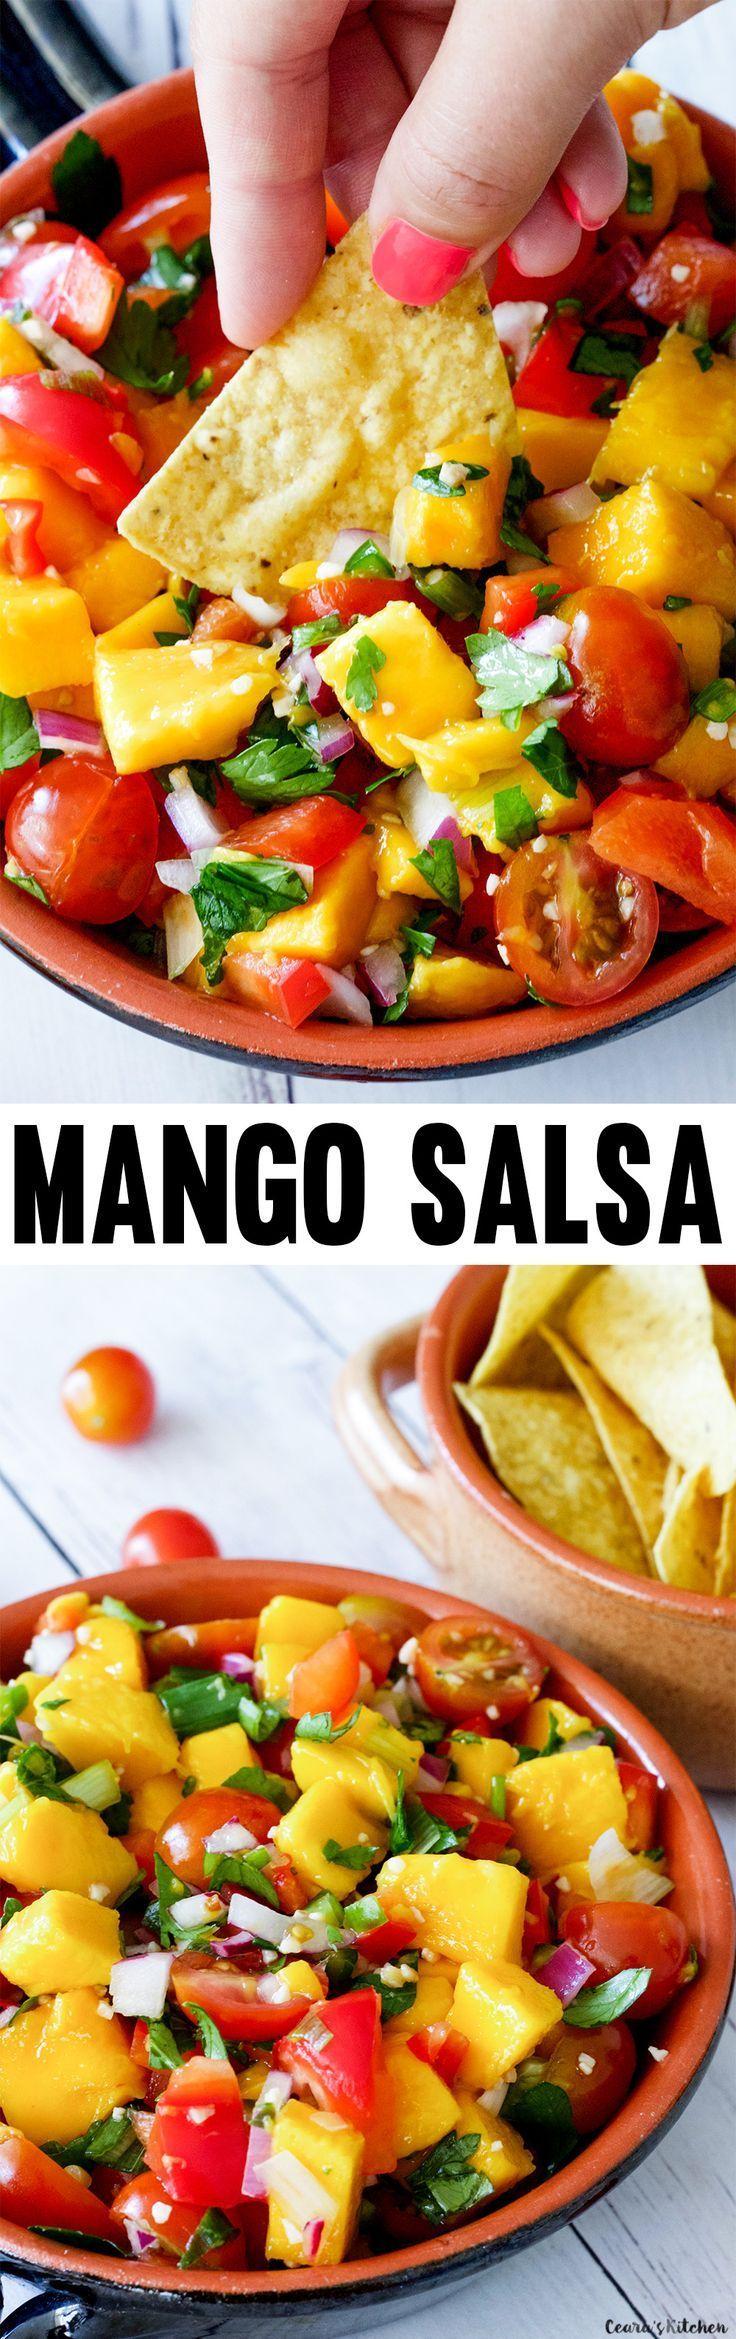 Mango Salsa with Lemon-Lime Vinaigrette